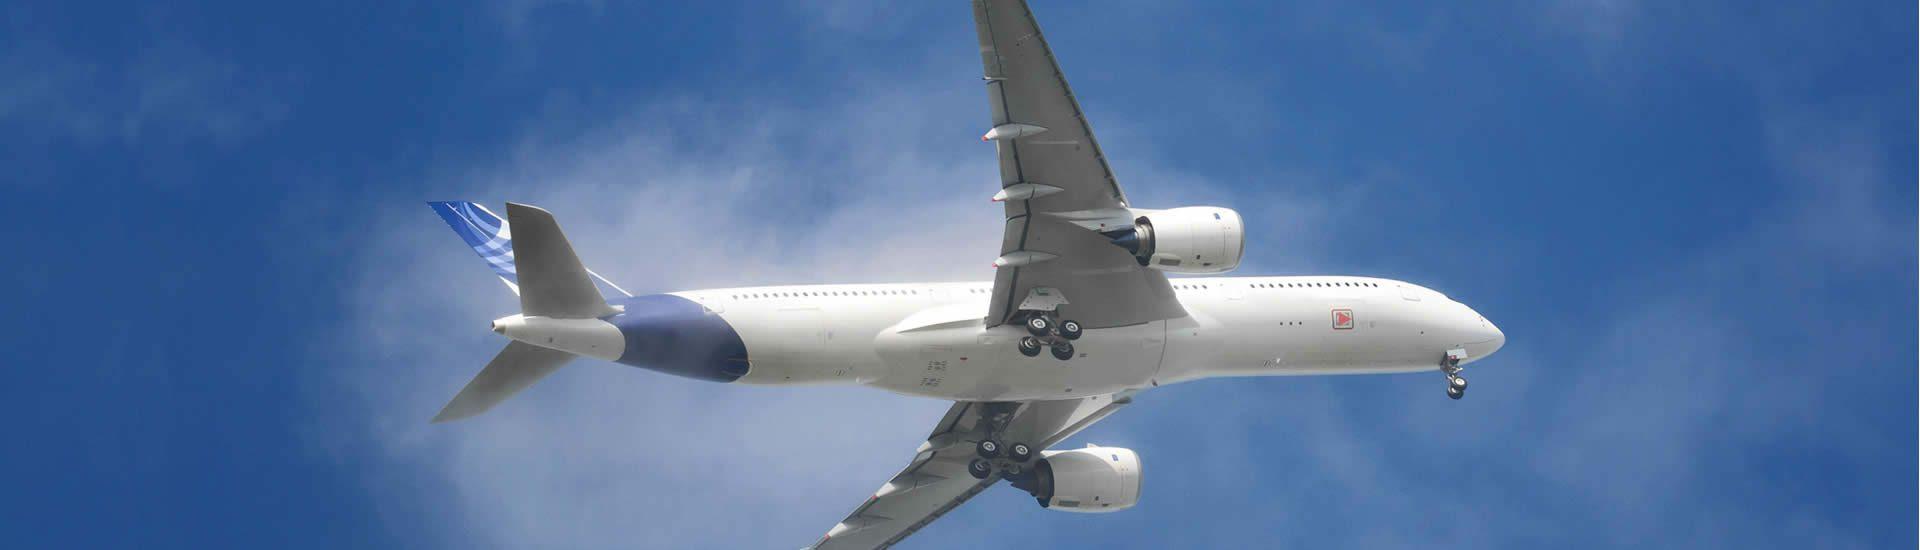 Branche Aviation